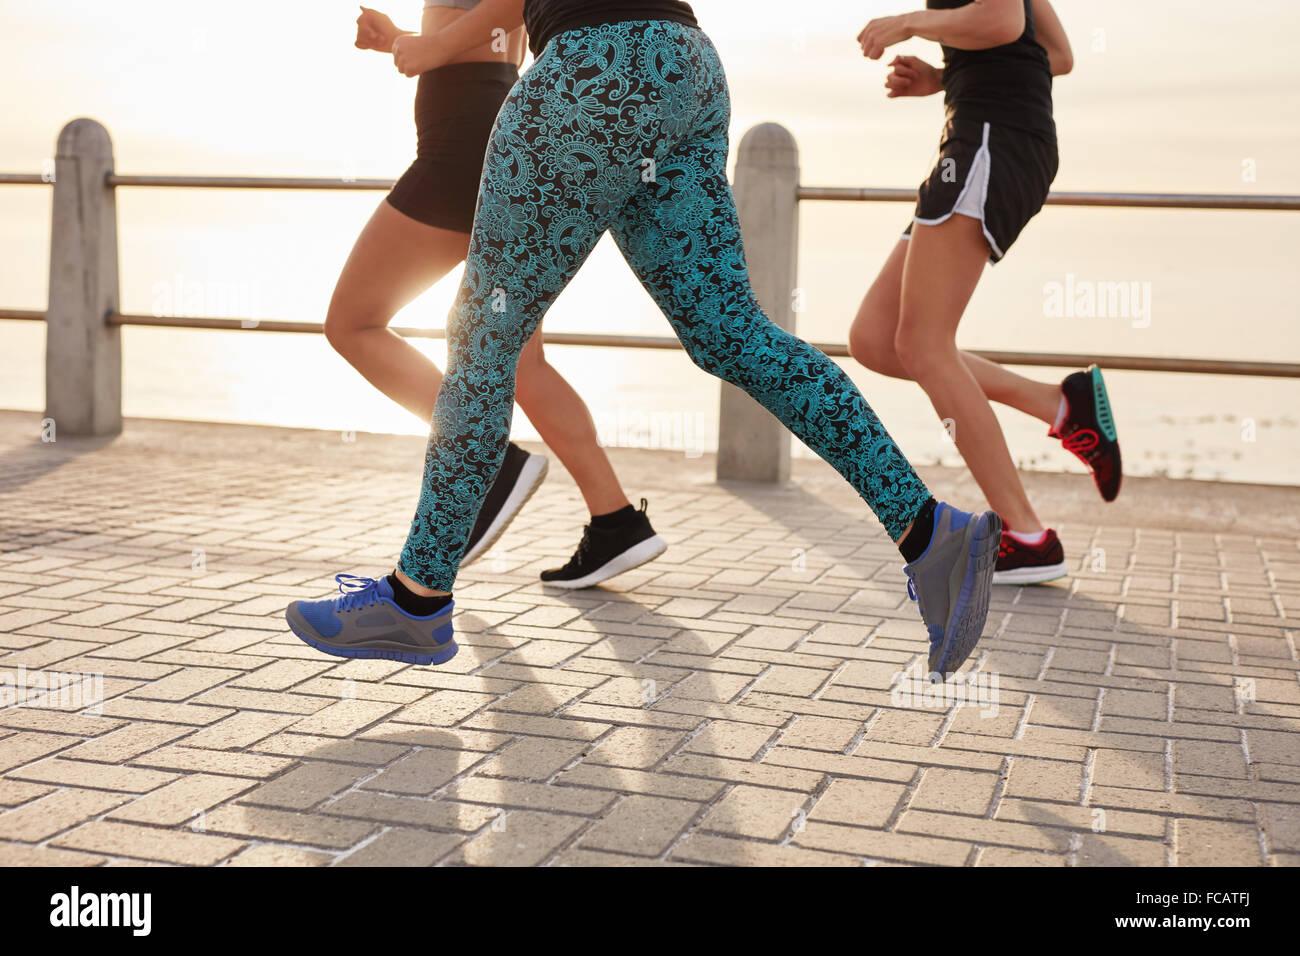 Immagine ritagliata di giovani che corre lungo il mare. Gruppo Fitness facendo esecuzione di allenamento insieme Immagini Stock